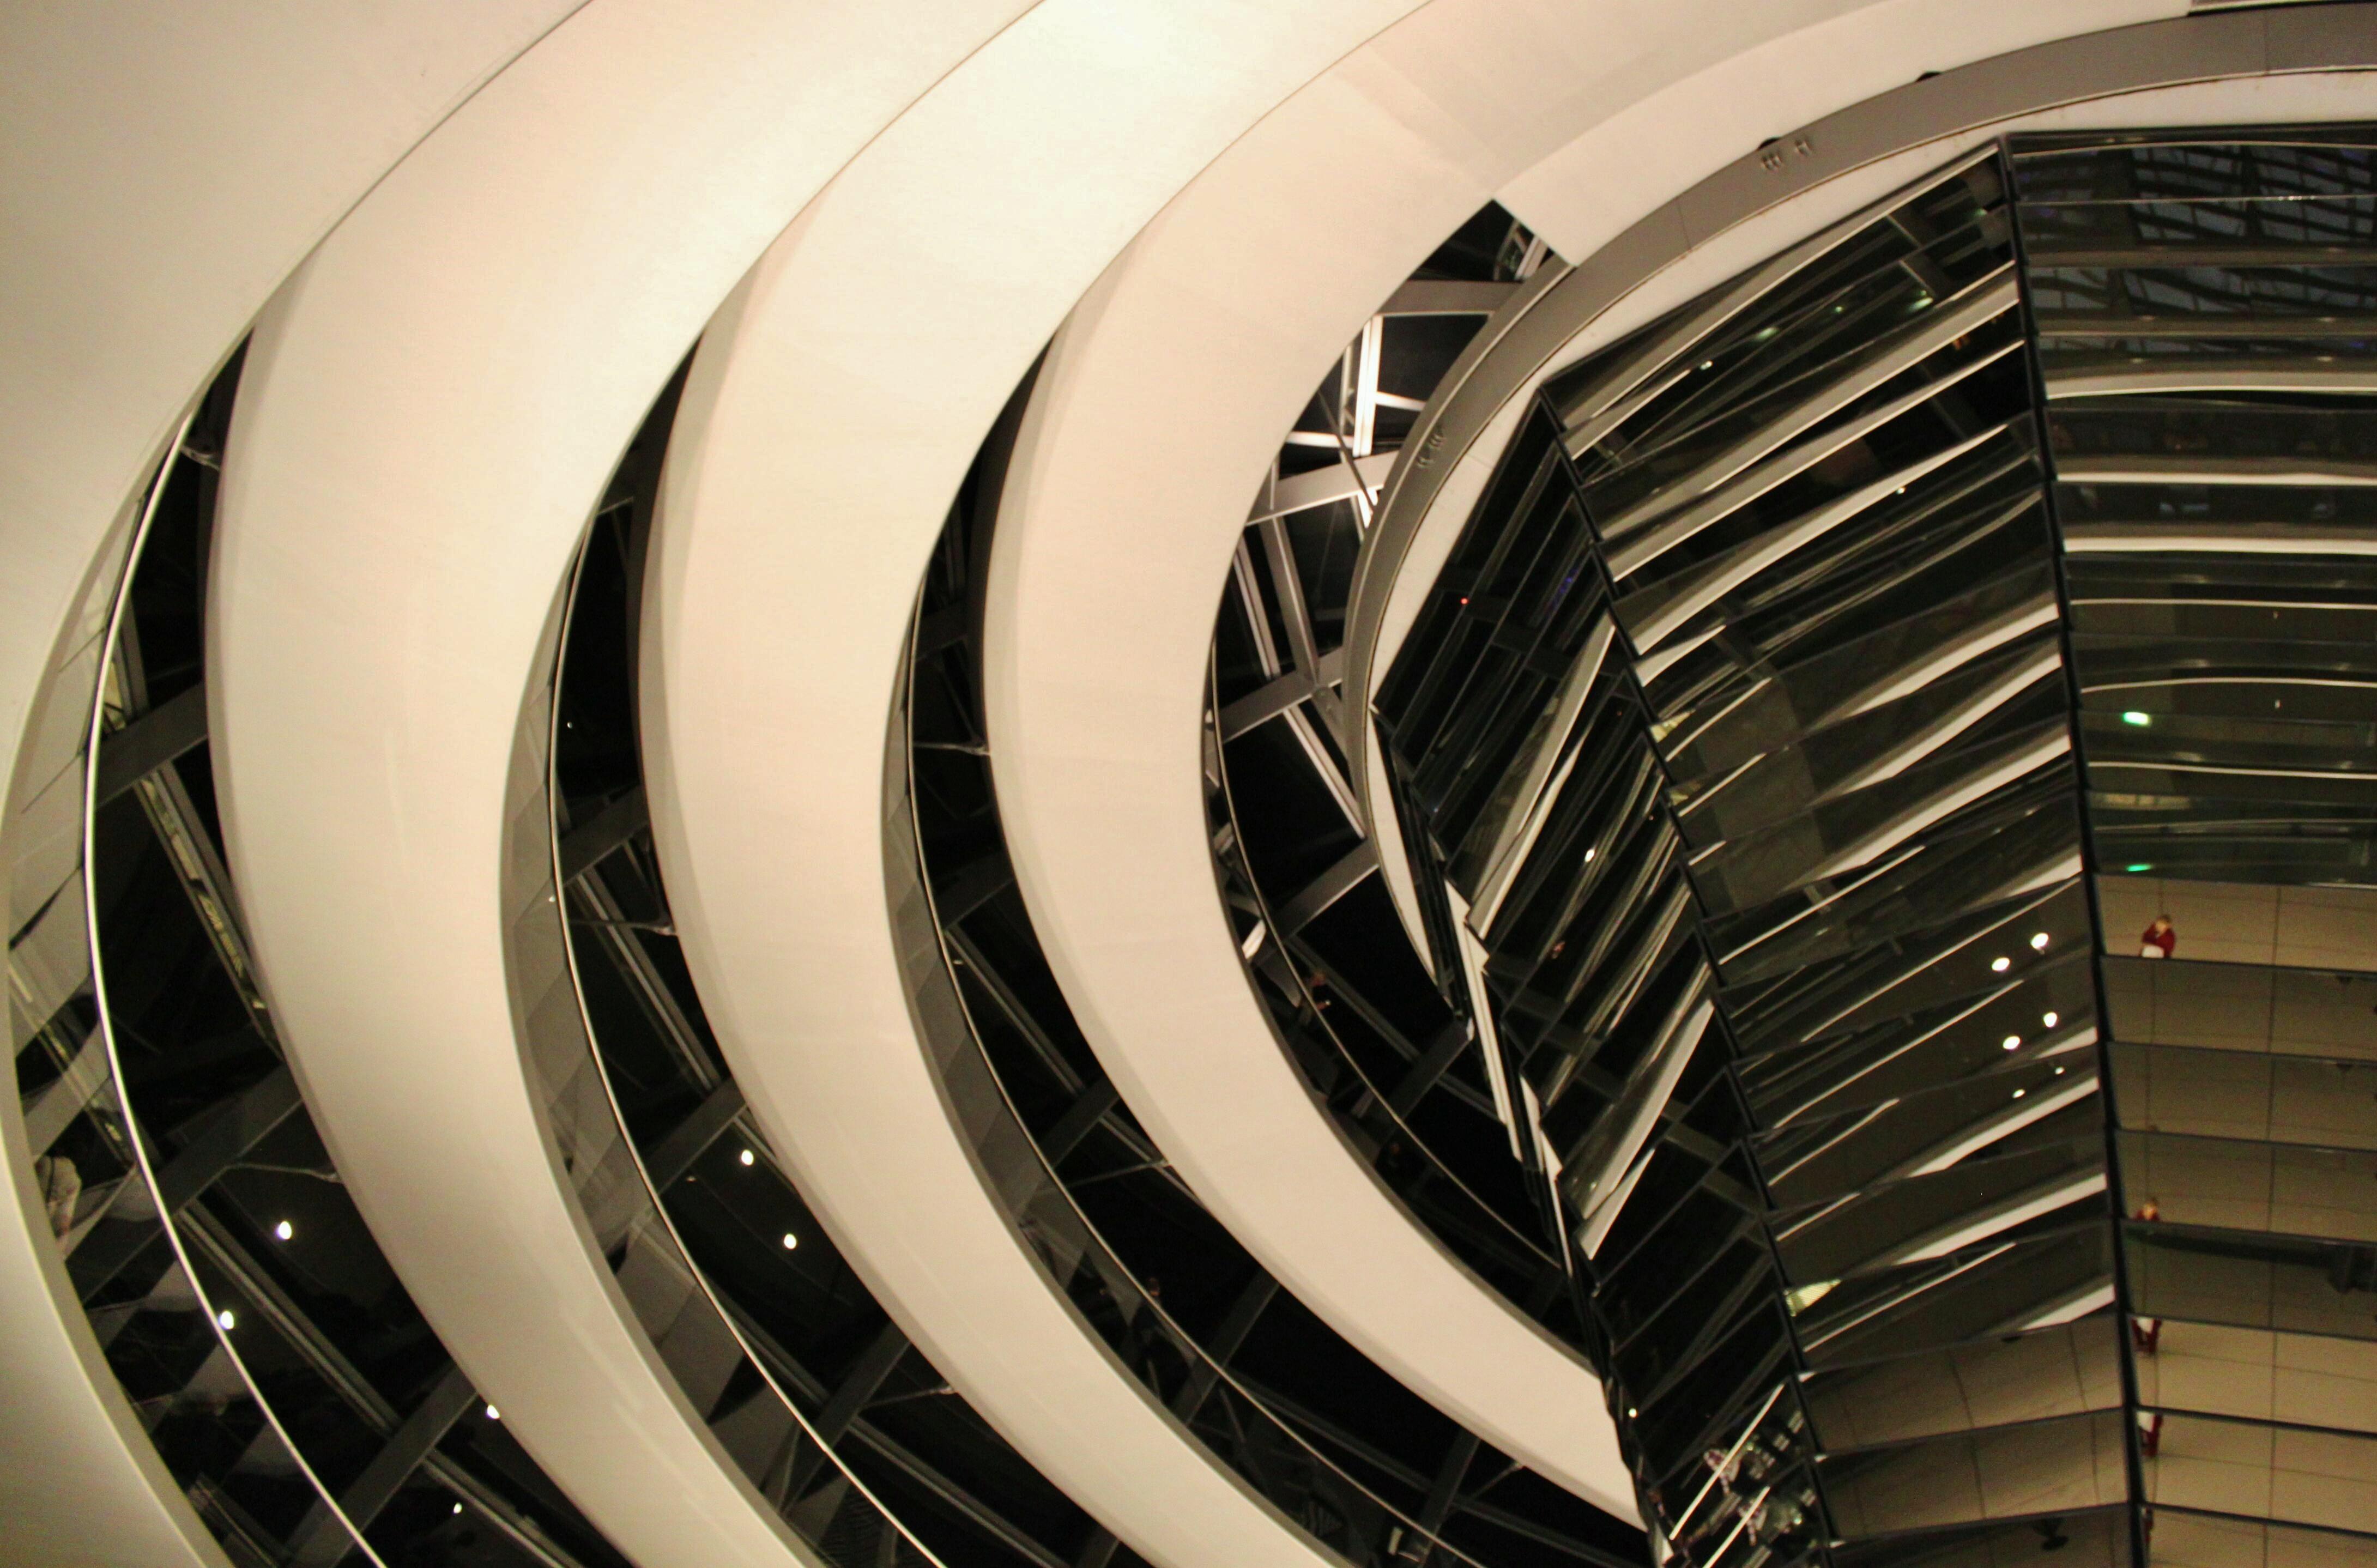 Innenarchitektur Kammer kostenlose foto licht die architektur struktur spiral fenster